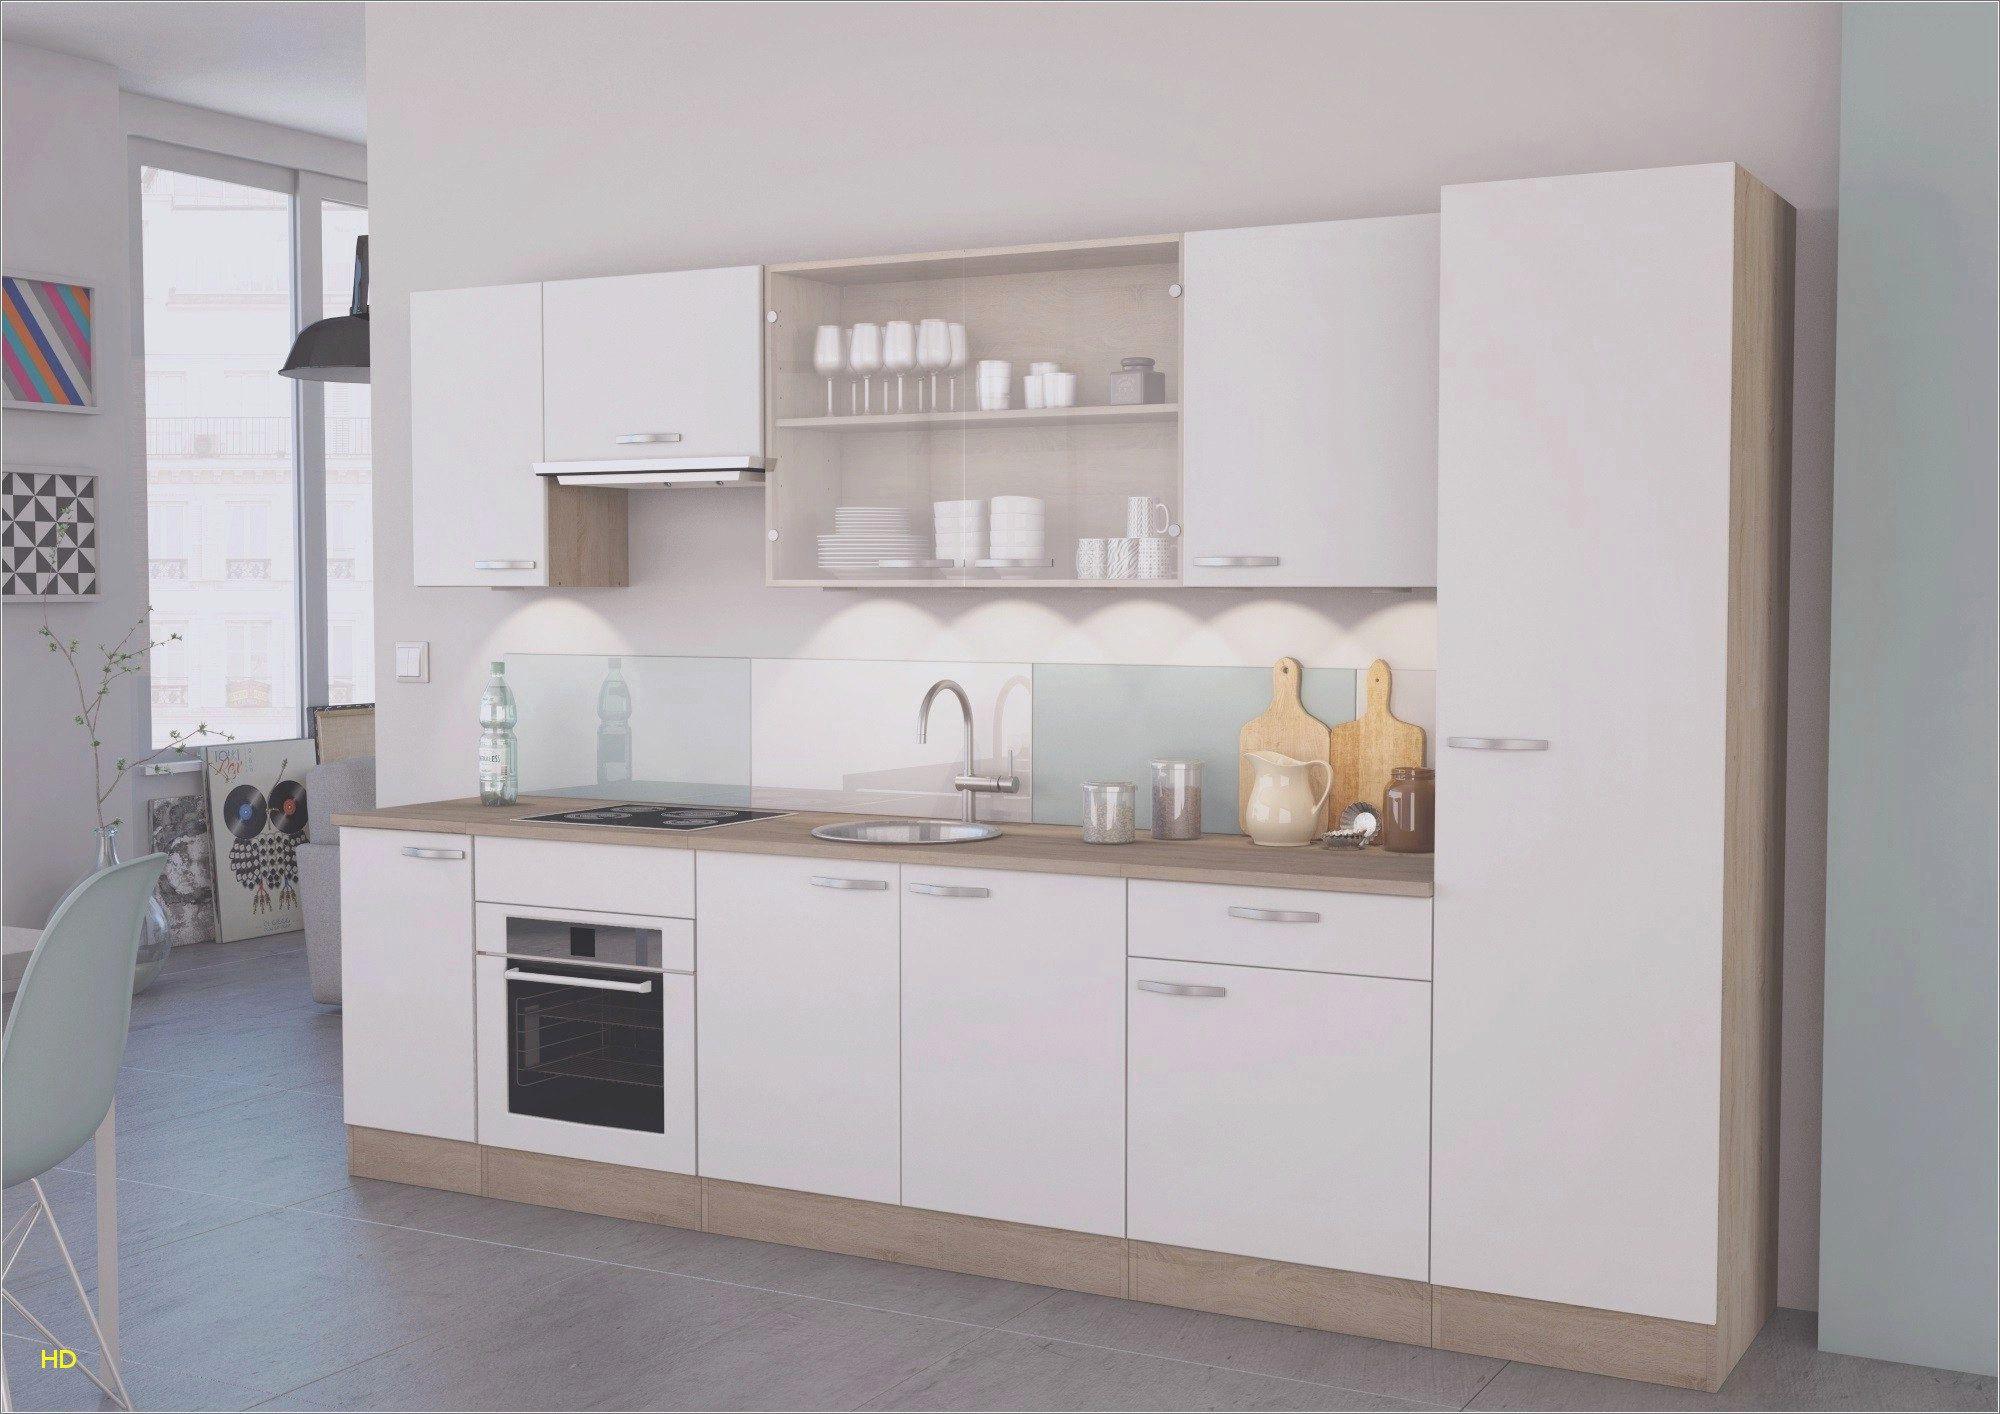 element de cuisine but elegant meuble but cuisine elegant meuble magasin magasin meubles la of element de cuisine but